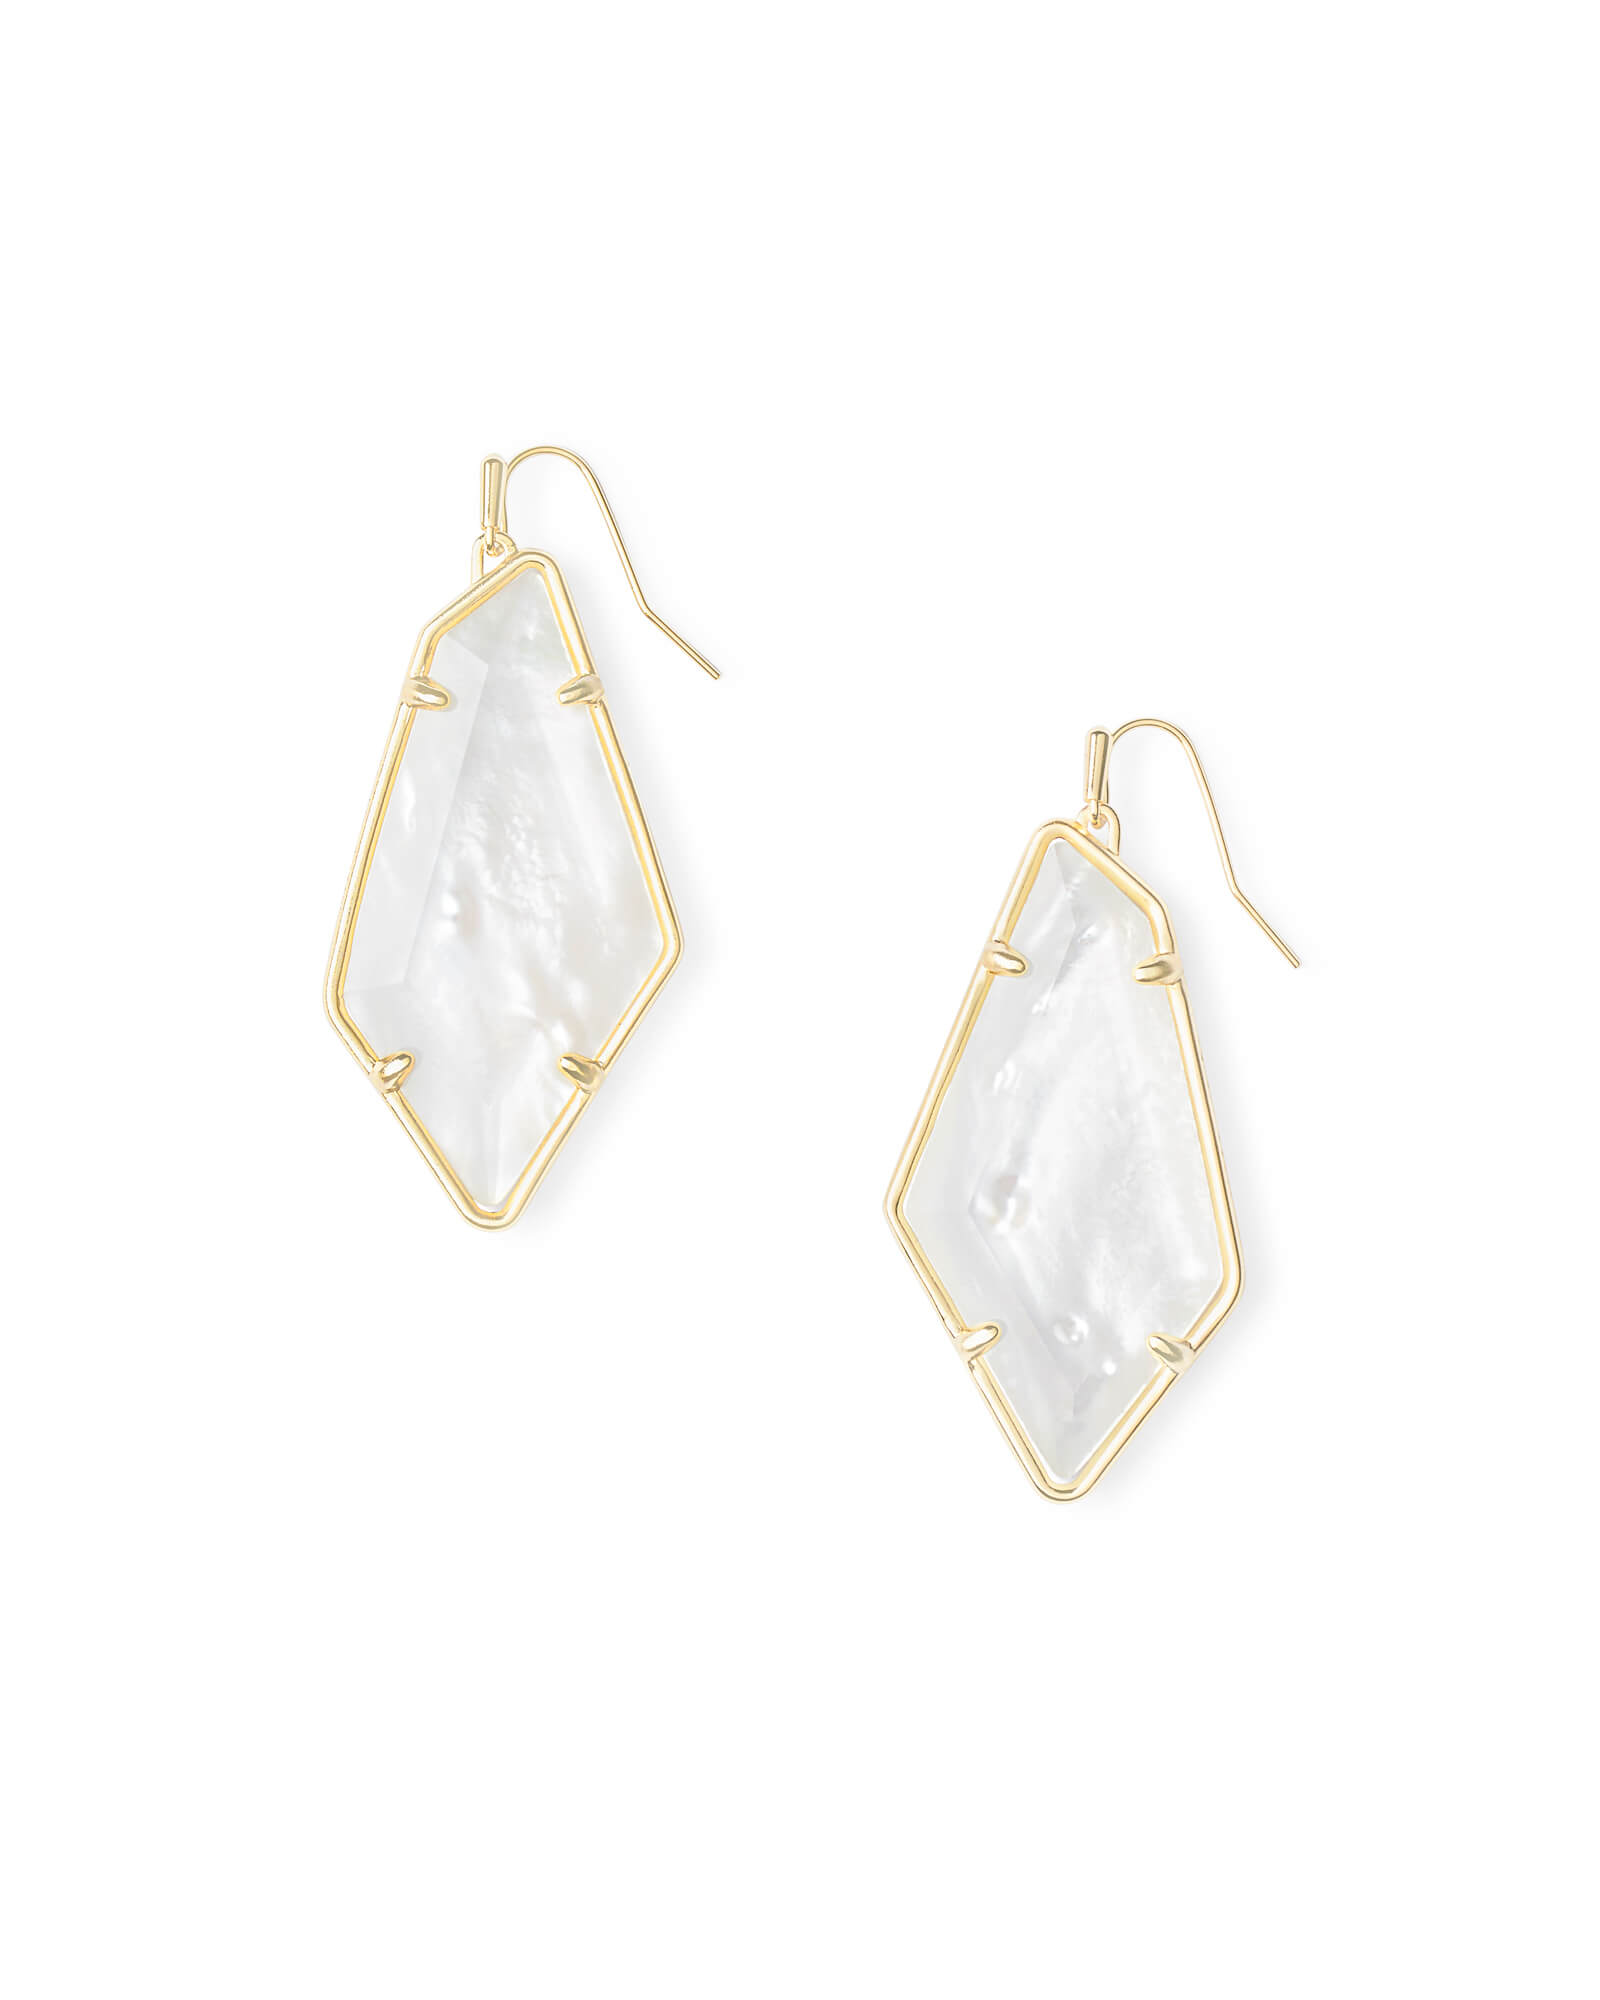 Kendra Scott Tulip Gold Tone Drop Earrings in Mother of Pearl